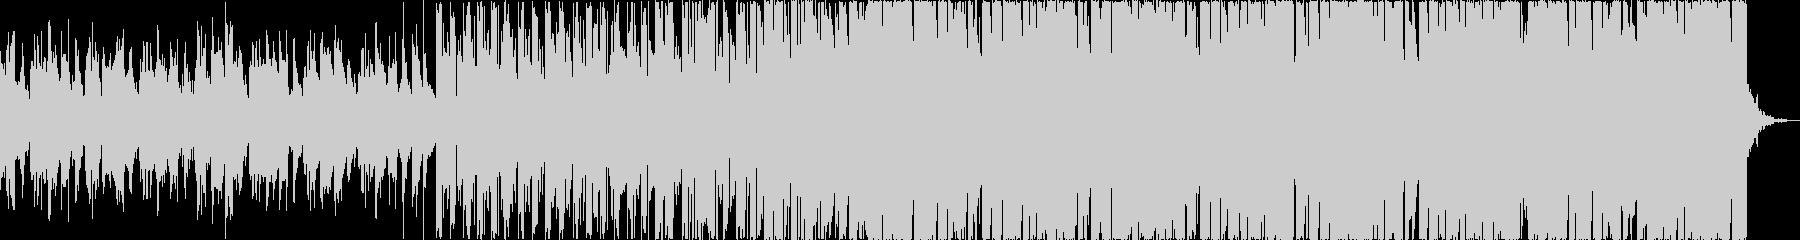 チルアウト軽快爽やかなトロピカルハウスbの未再生の波形